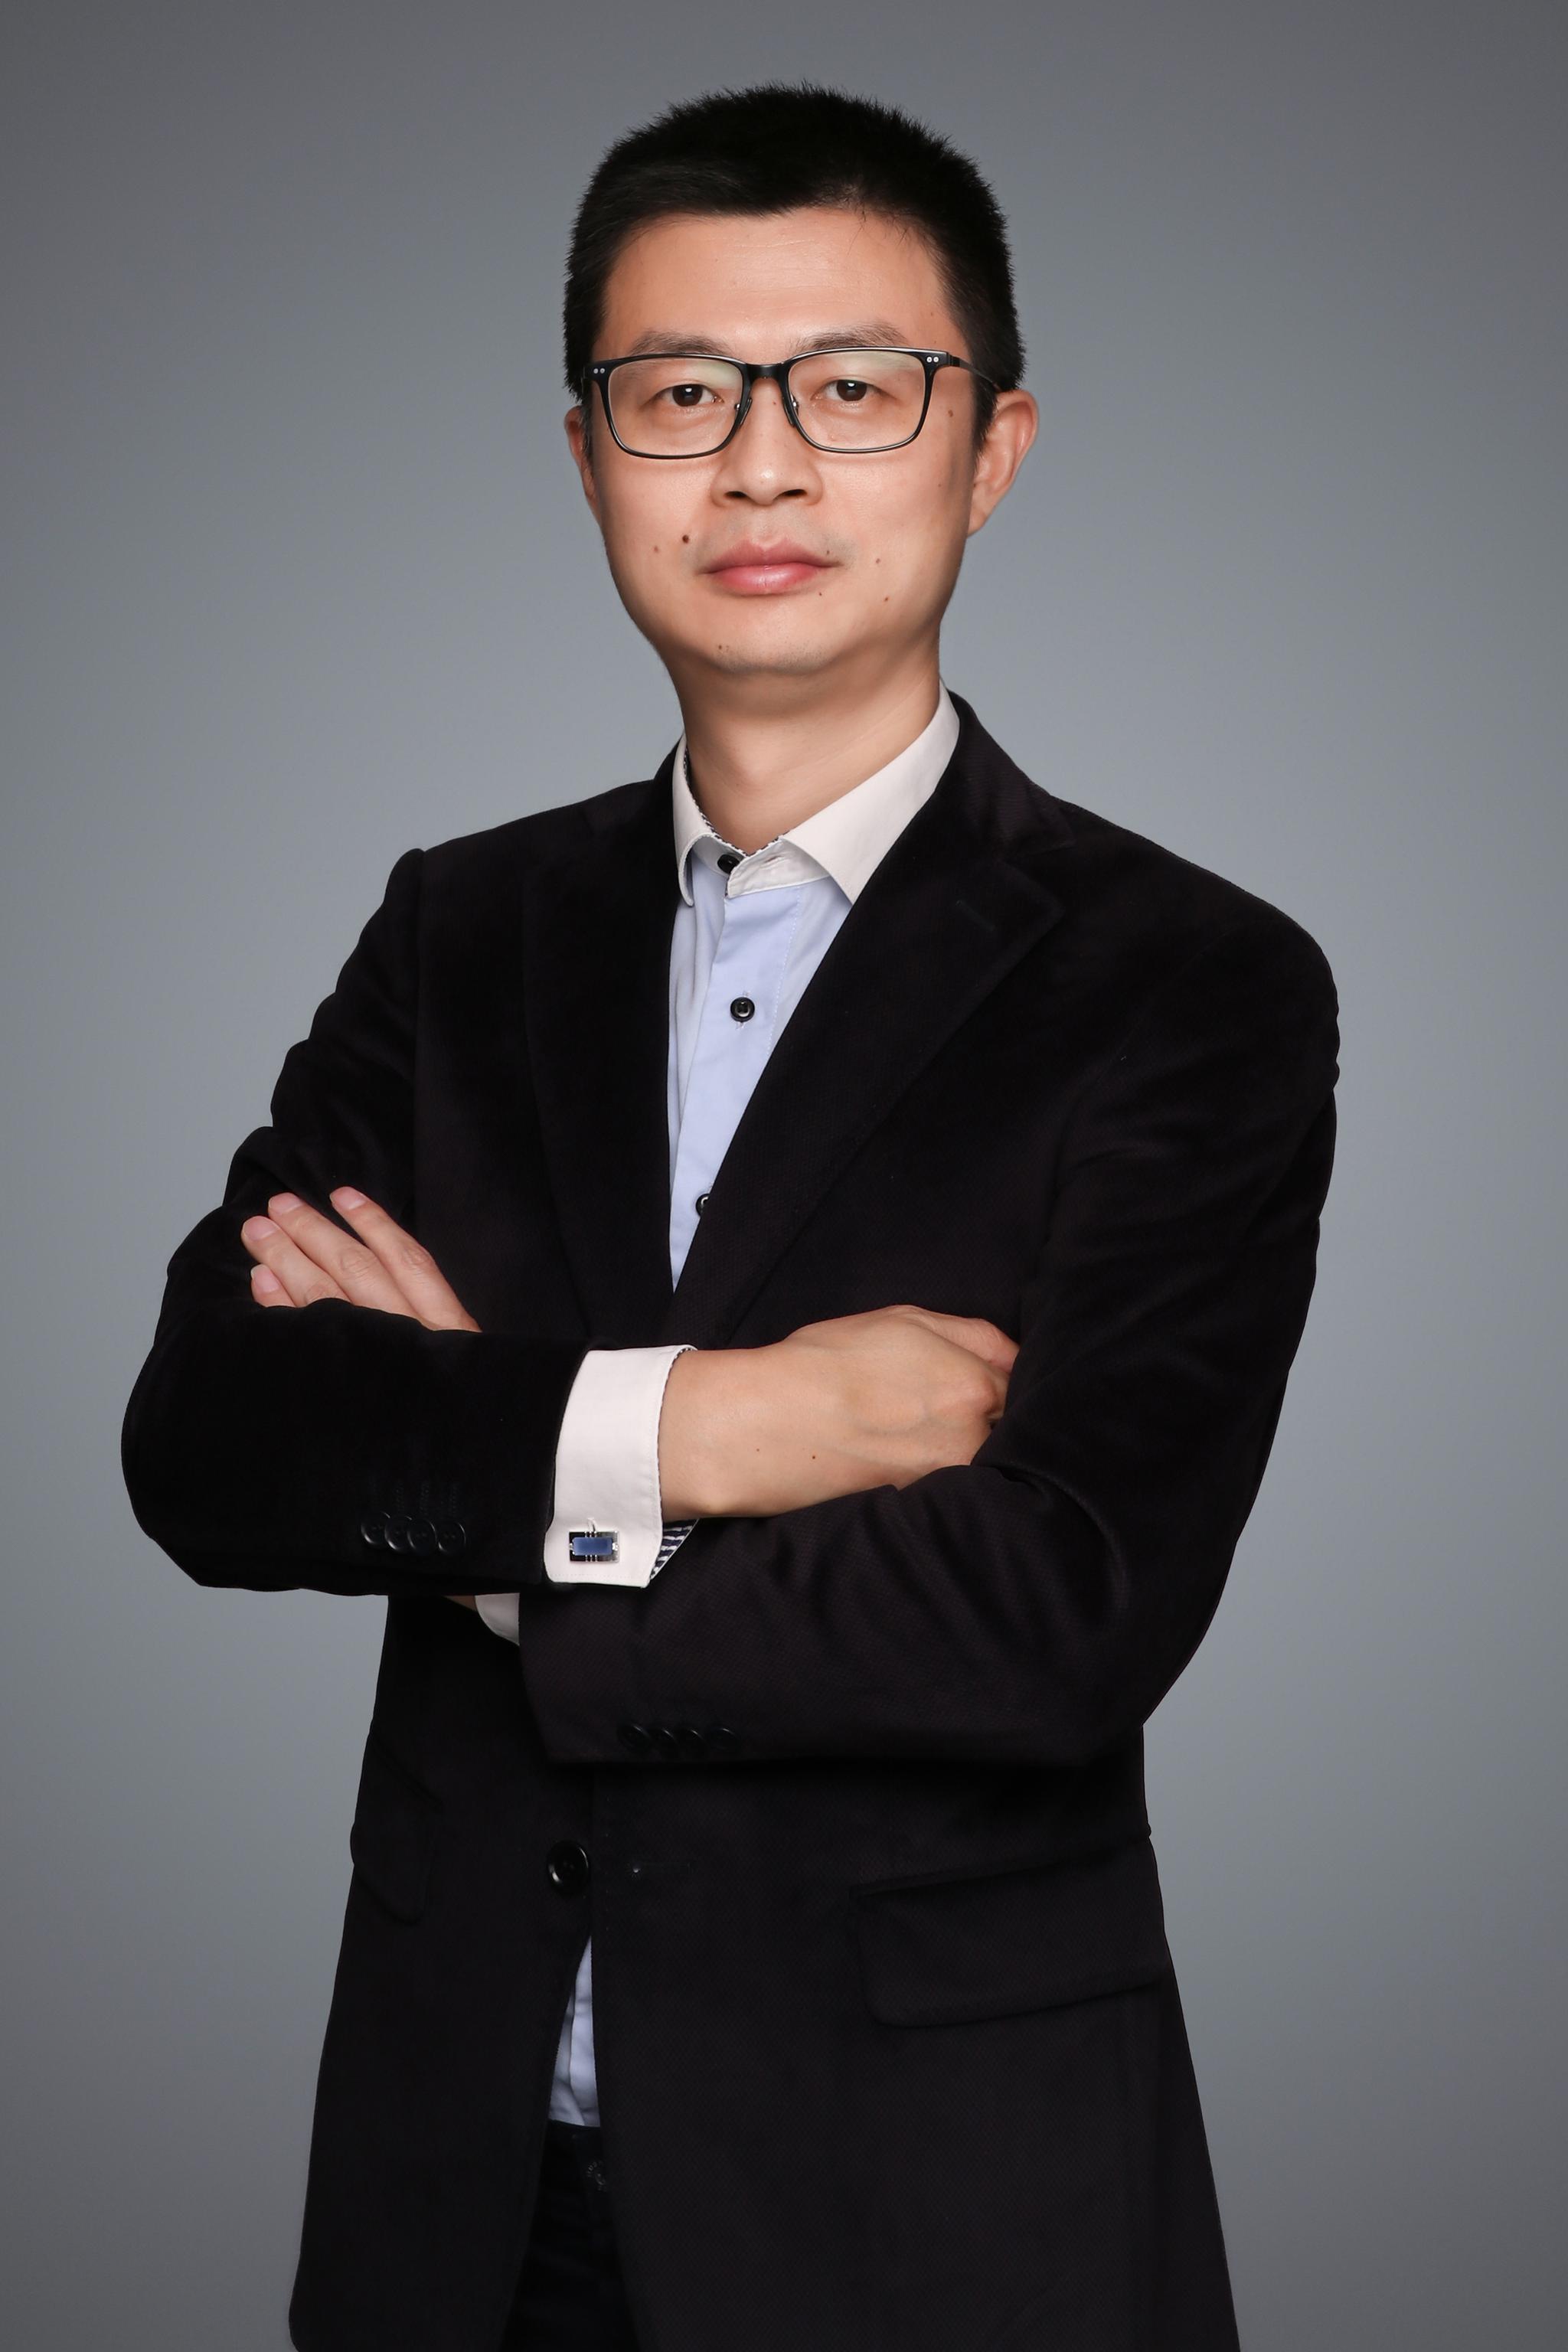 创市纪 | 芯翼信息合伙人:科创板是中国科创的一剂强心针